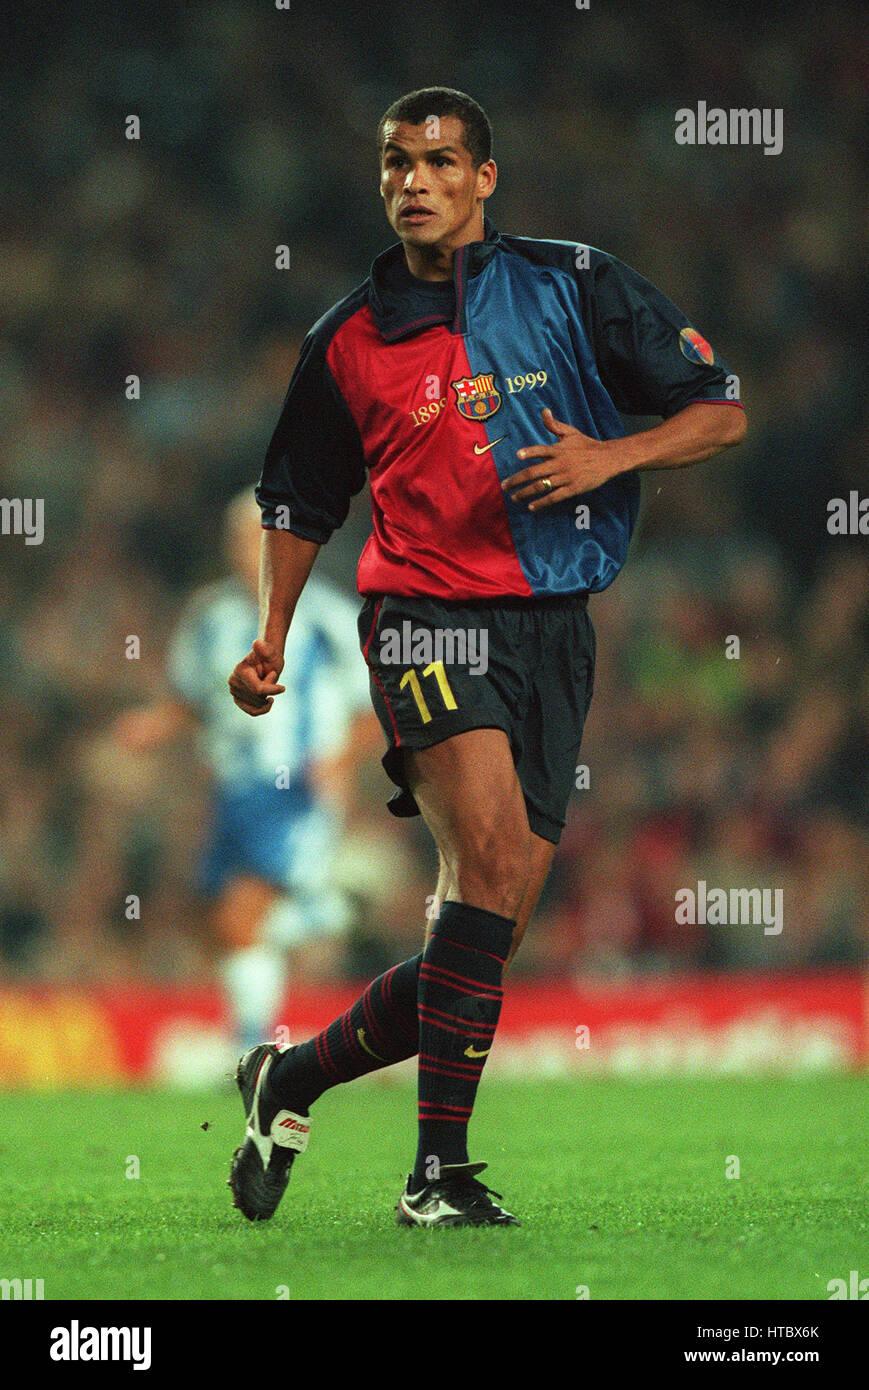 RIVALDO FC BARCELONA 07 November 1999 Stock Royalty Free